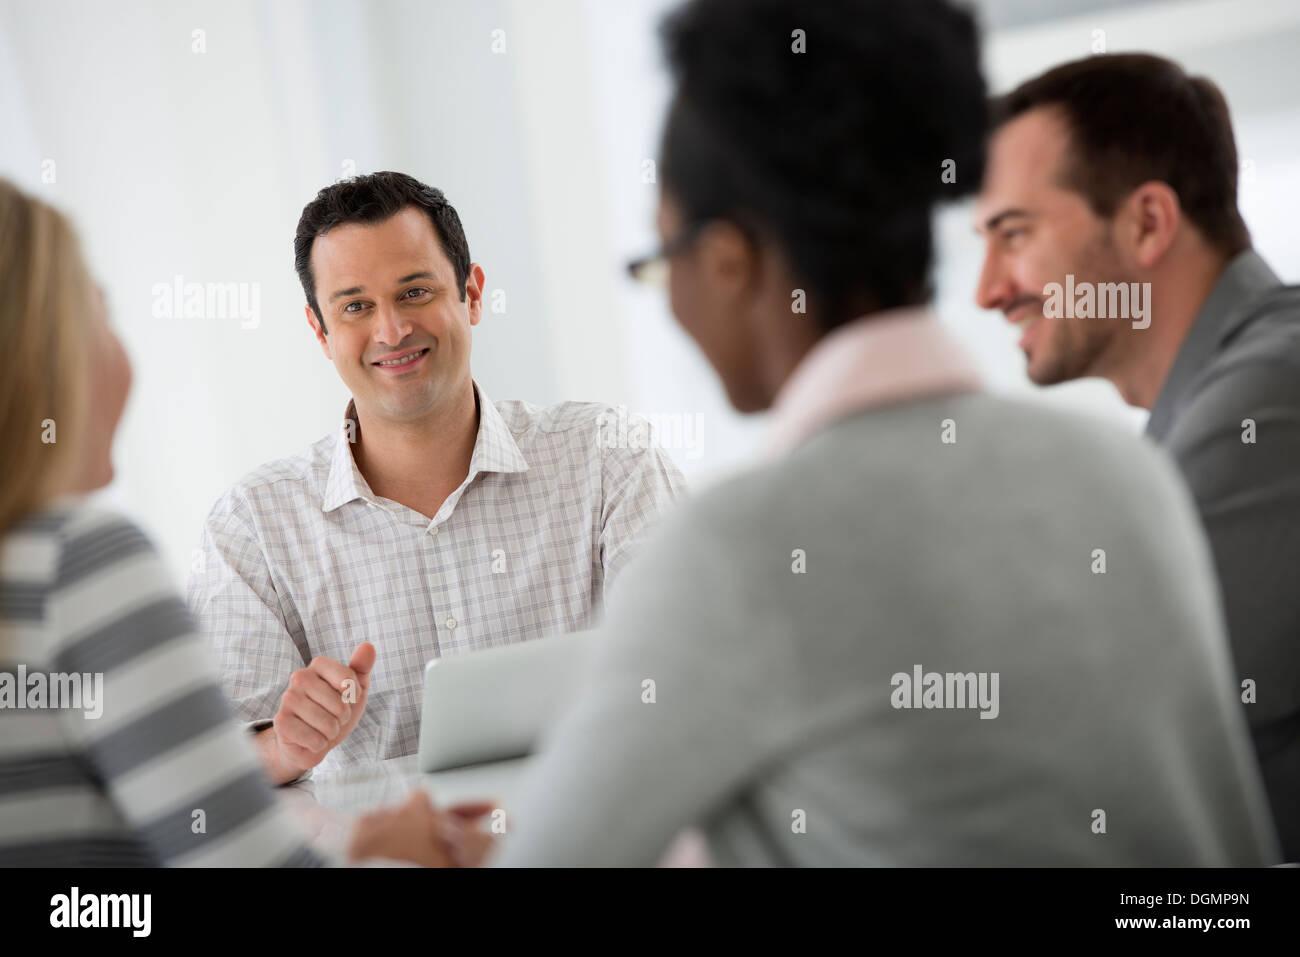 Ufficio interno. Un gruppo di quattro persone, due uomini e due donne, seduti attorno ad un tavolo. Riunione di Foto Stock